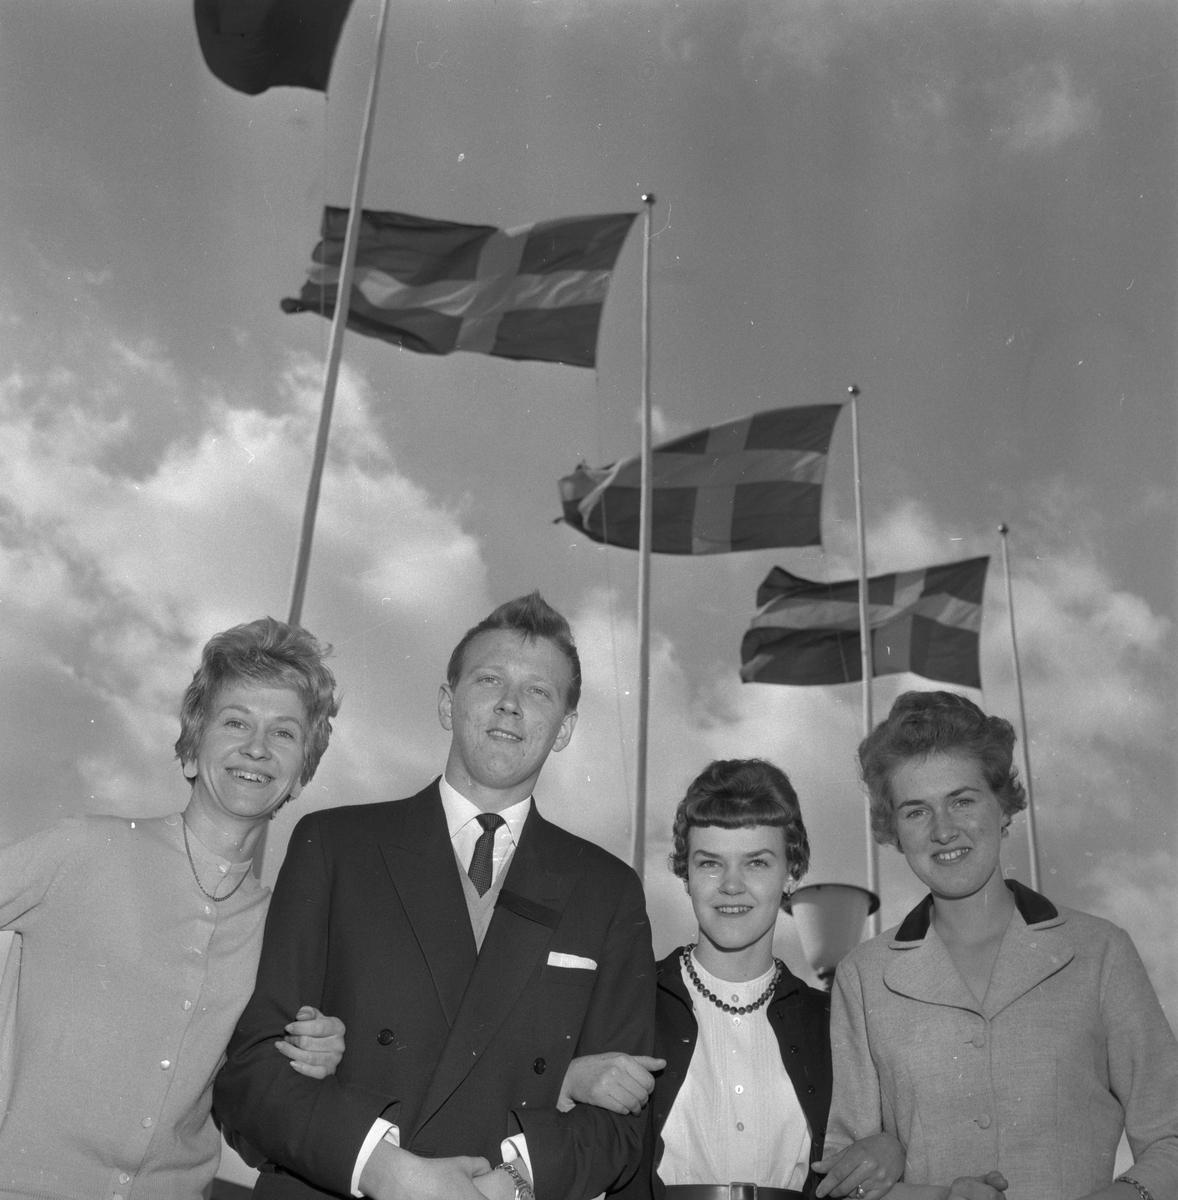 Teknisternas världsrekord. 20 april 1959.